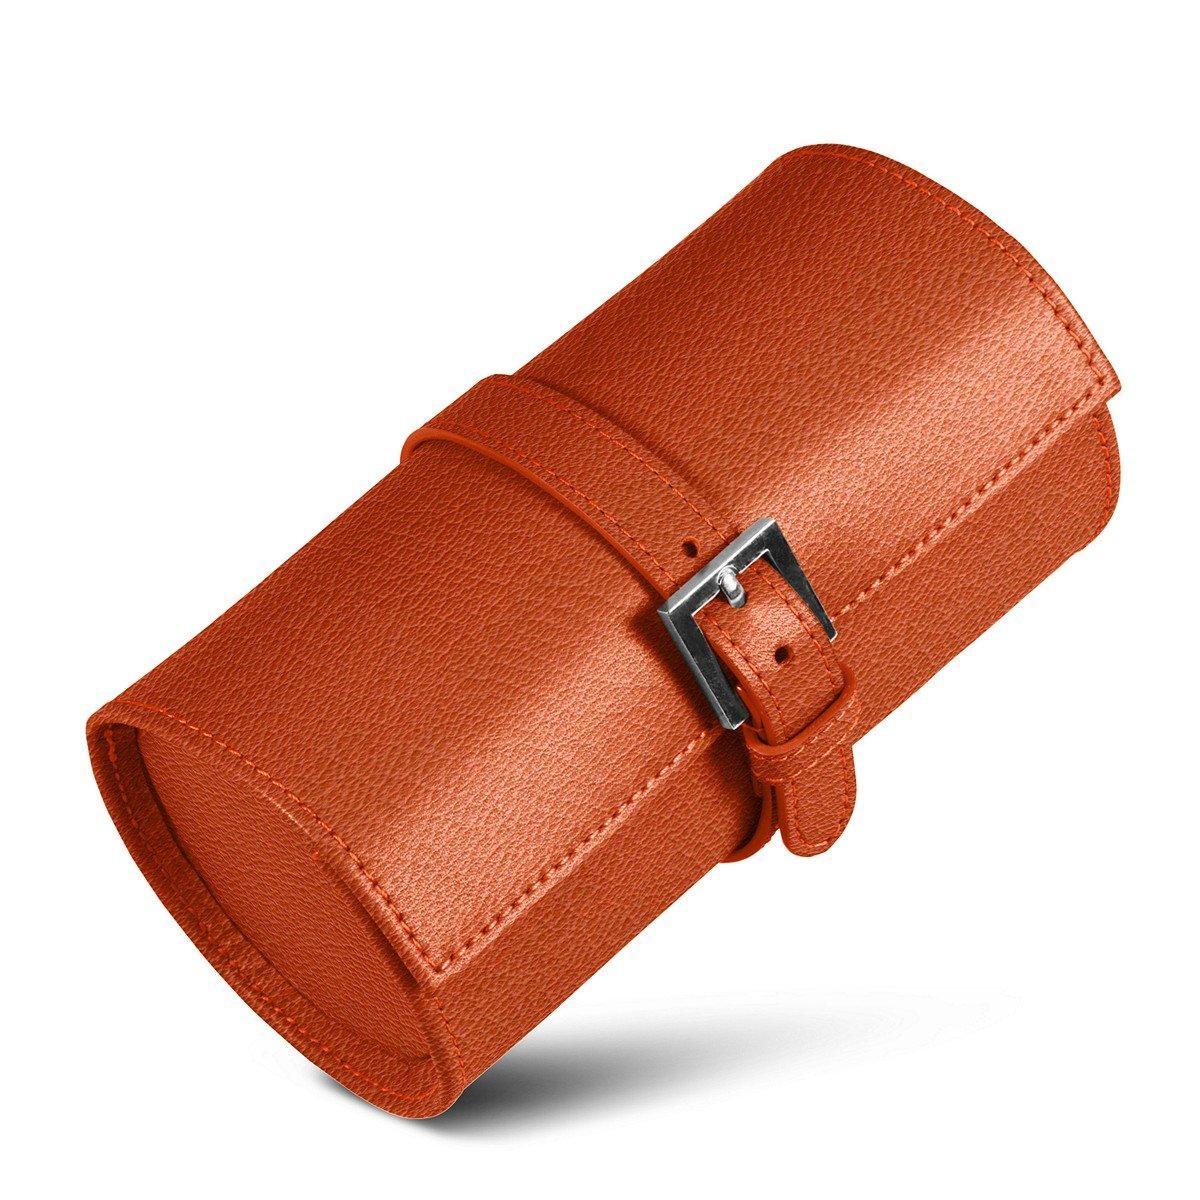 Lucrin - Runden Uhrboxen - Orange - Ziegenleder